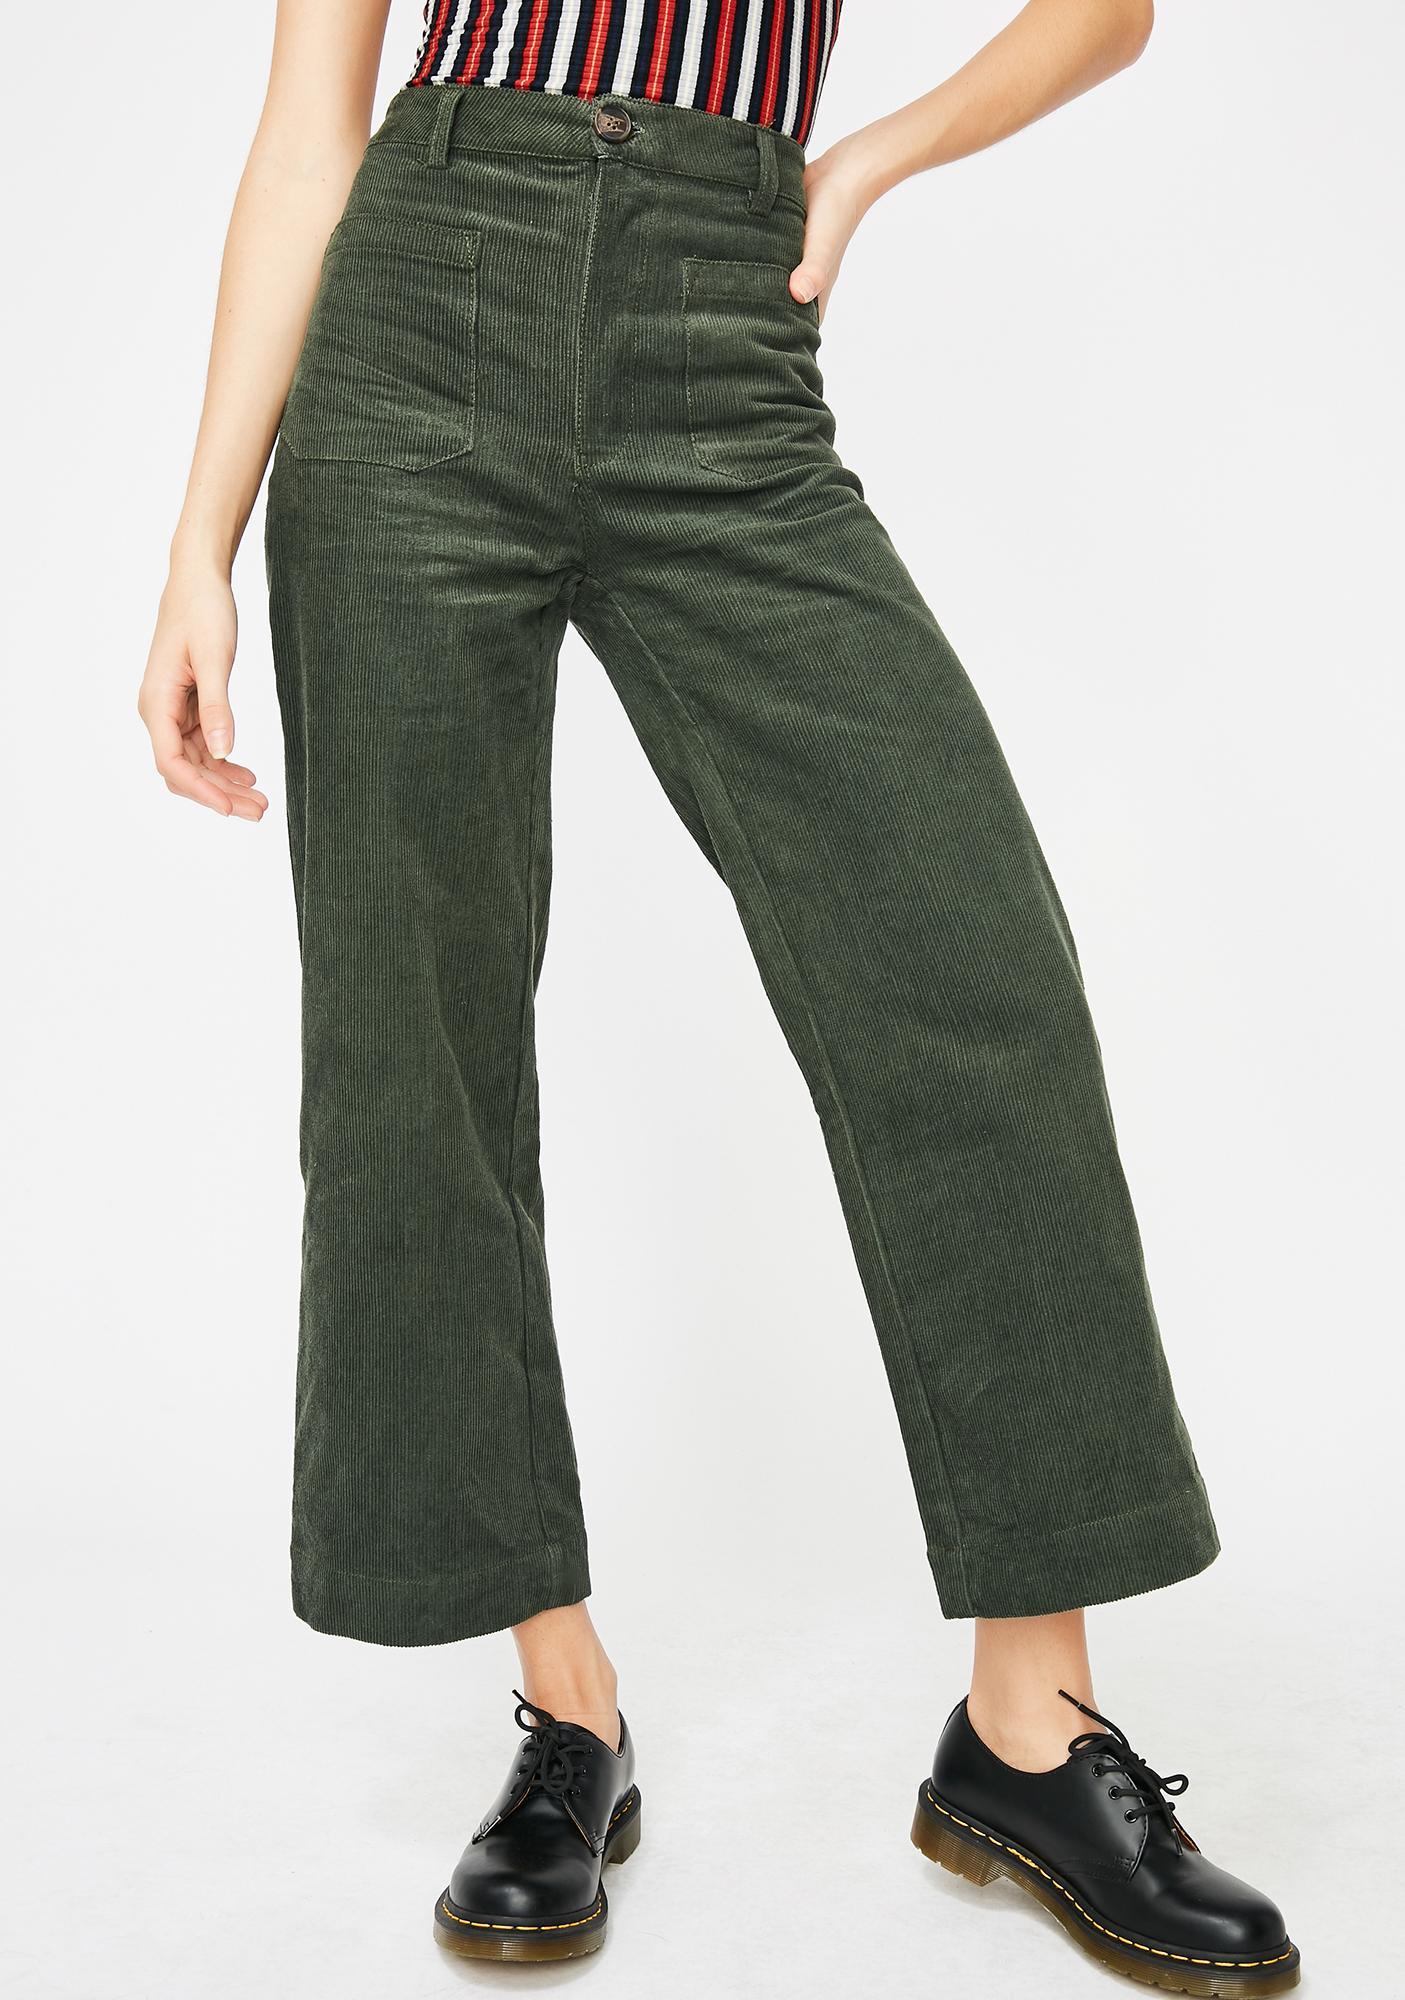 e61796ac6a85 Green Corduroy Capri Pants